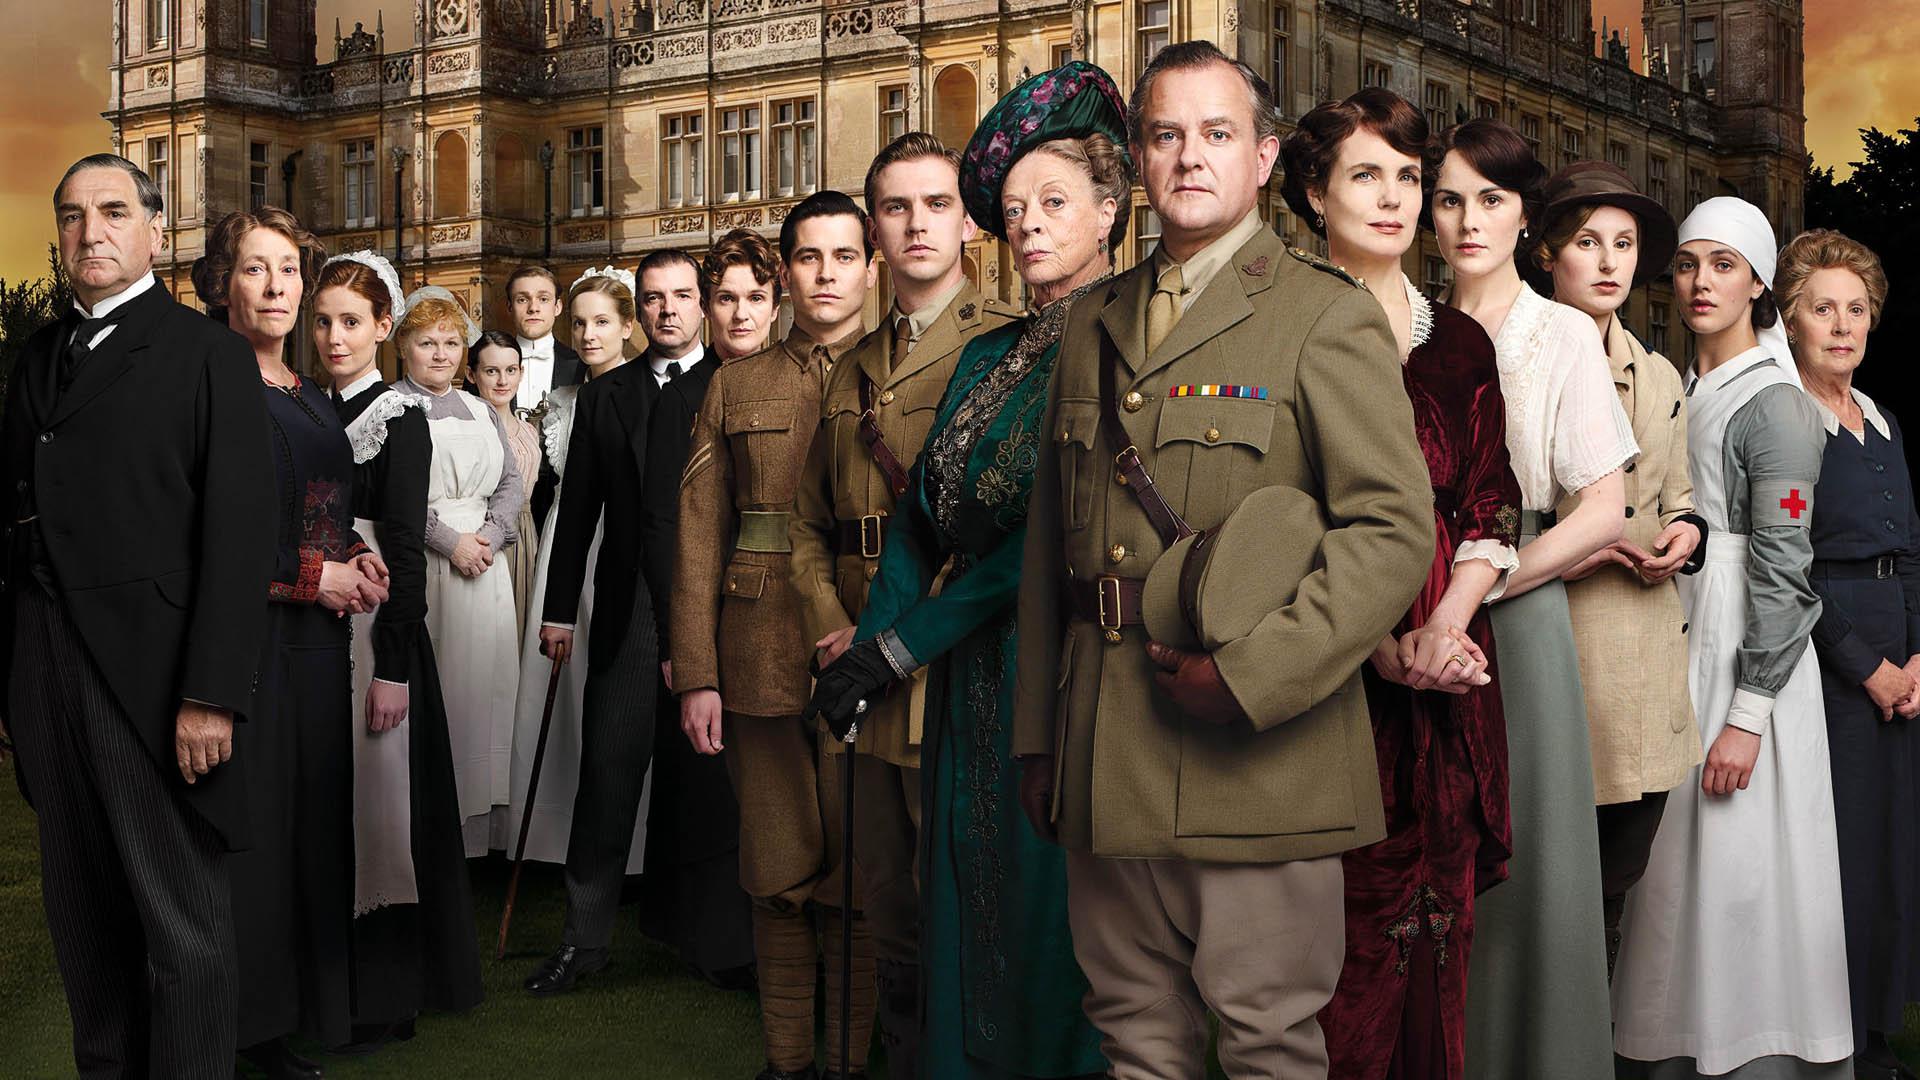 Downton-Abbey-Cast